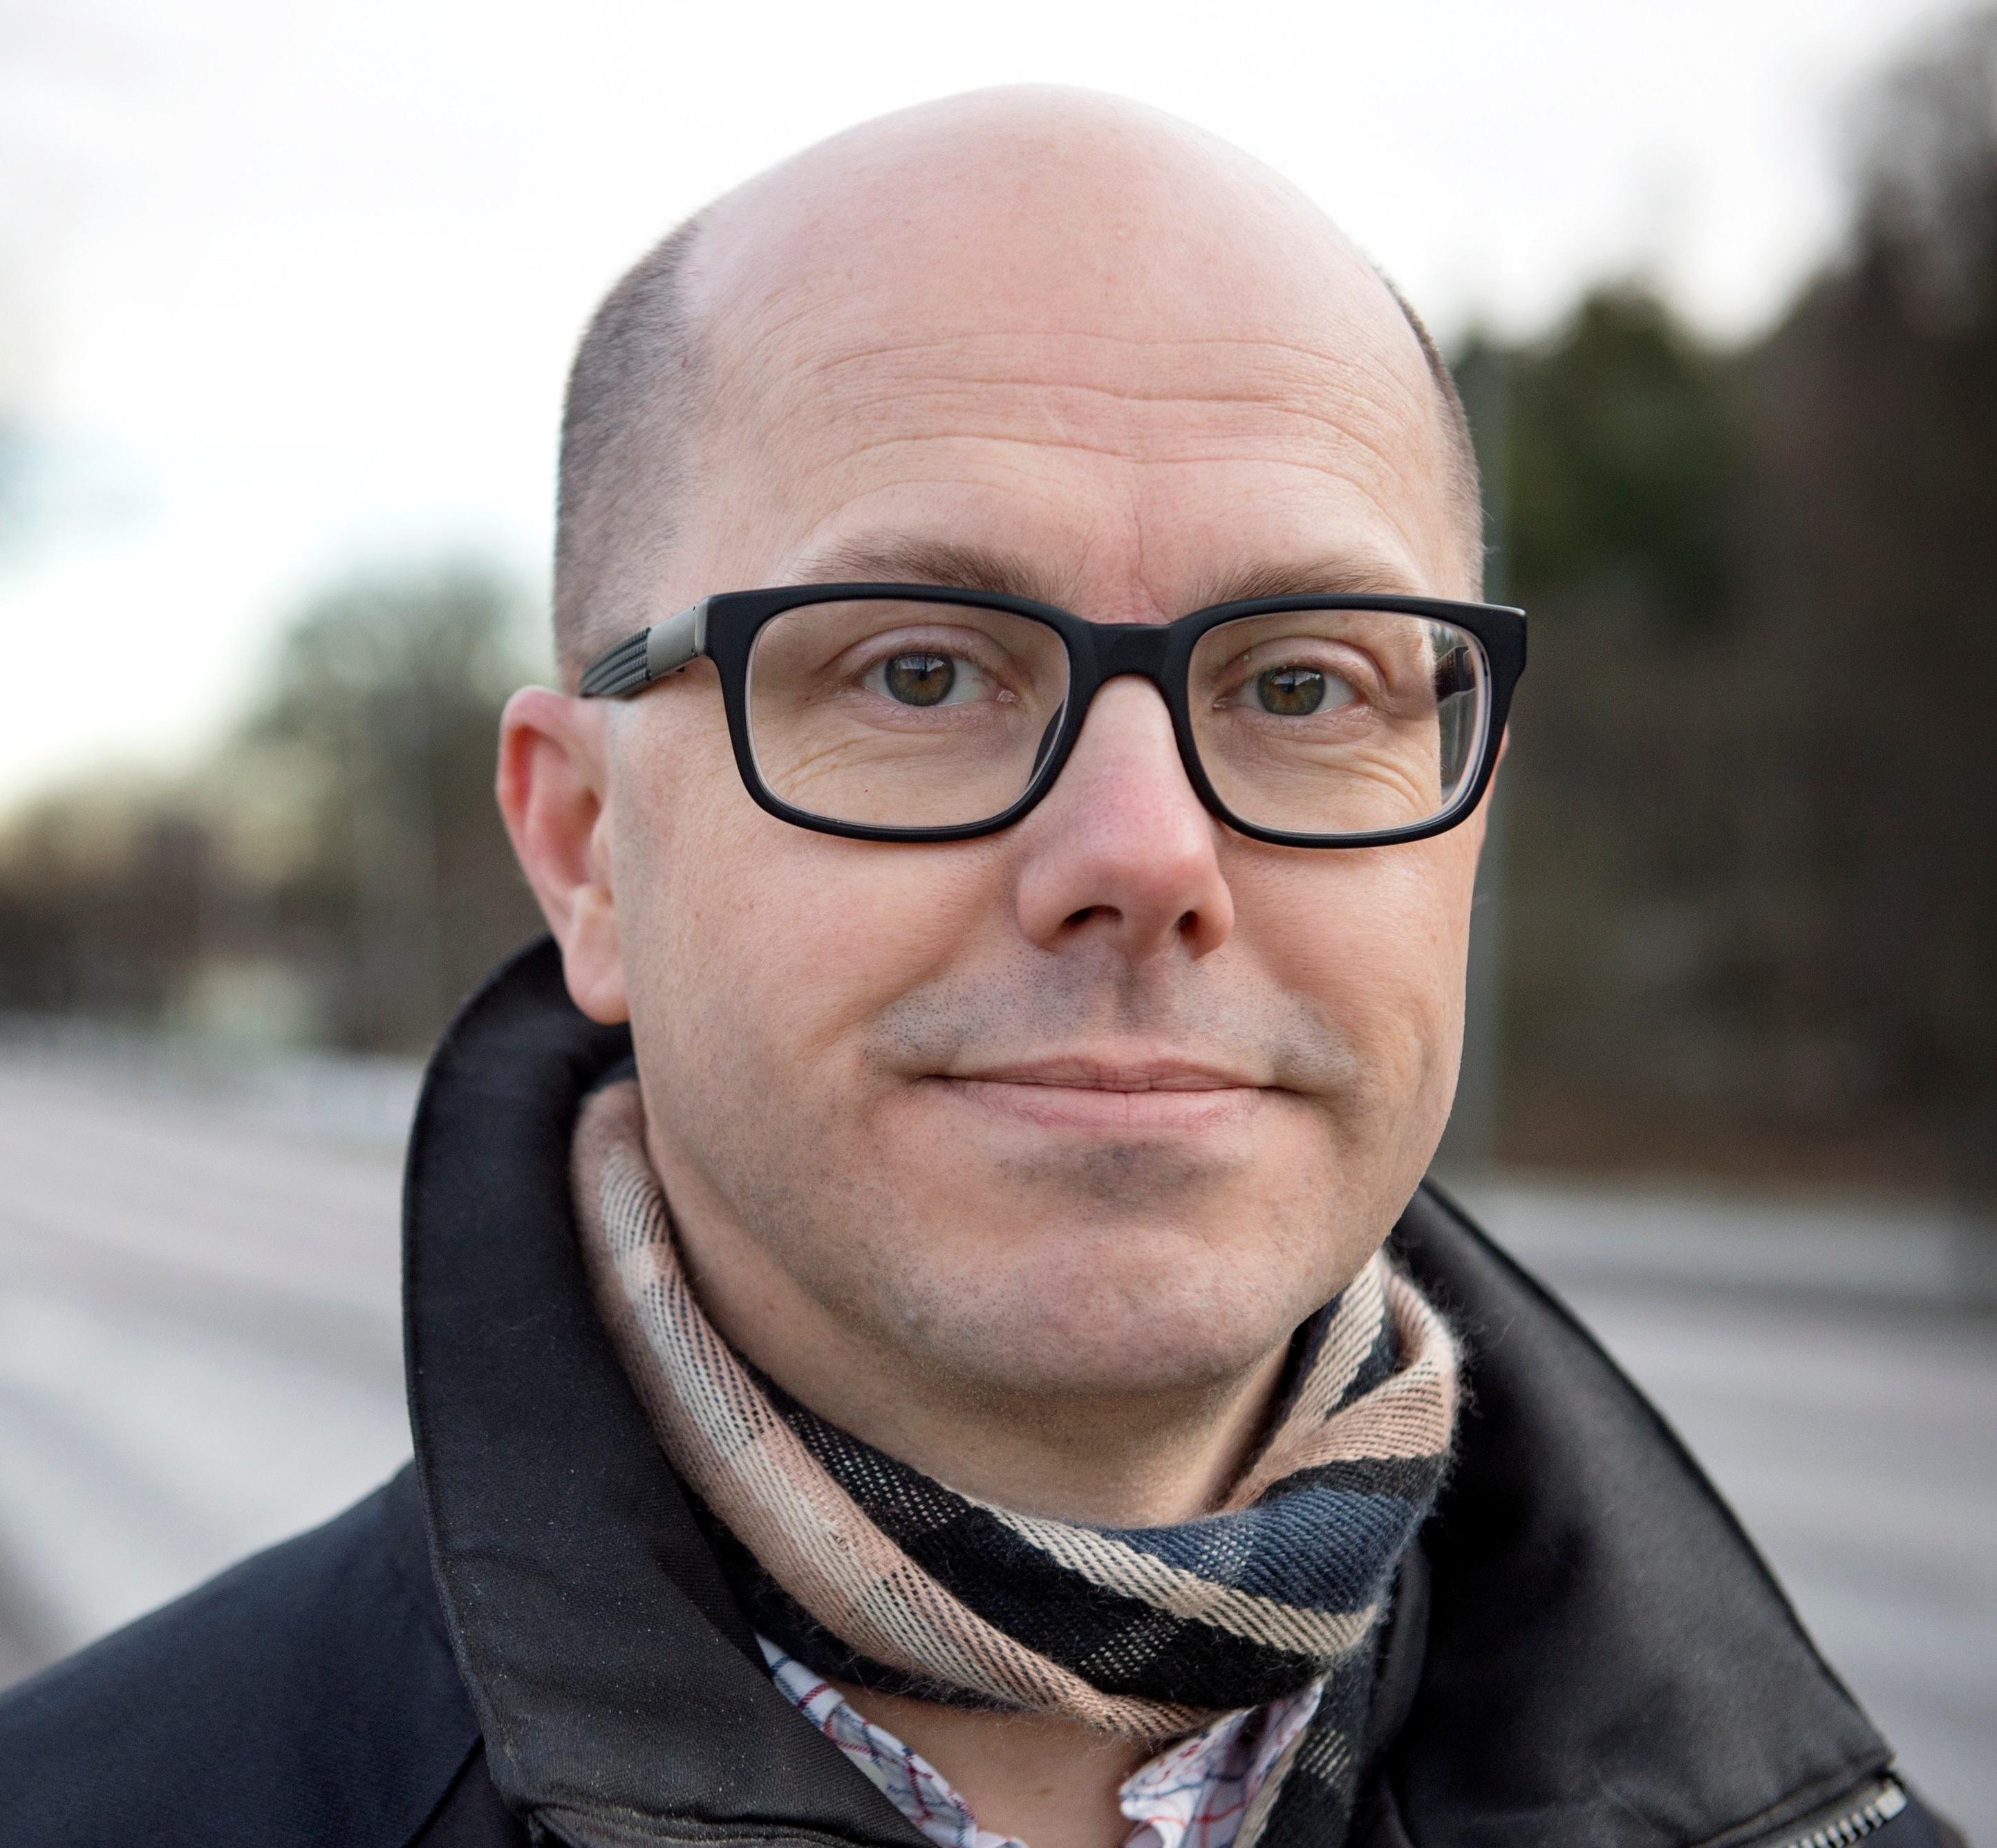 Jonas Eliasson, Visiting Professor of Transport Systems at Linköping University